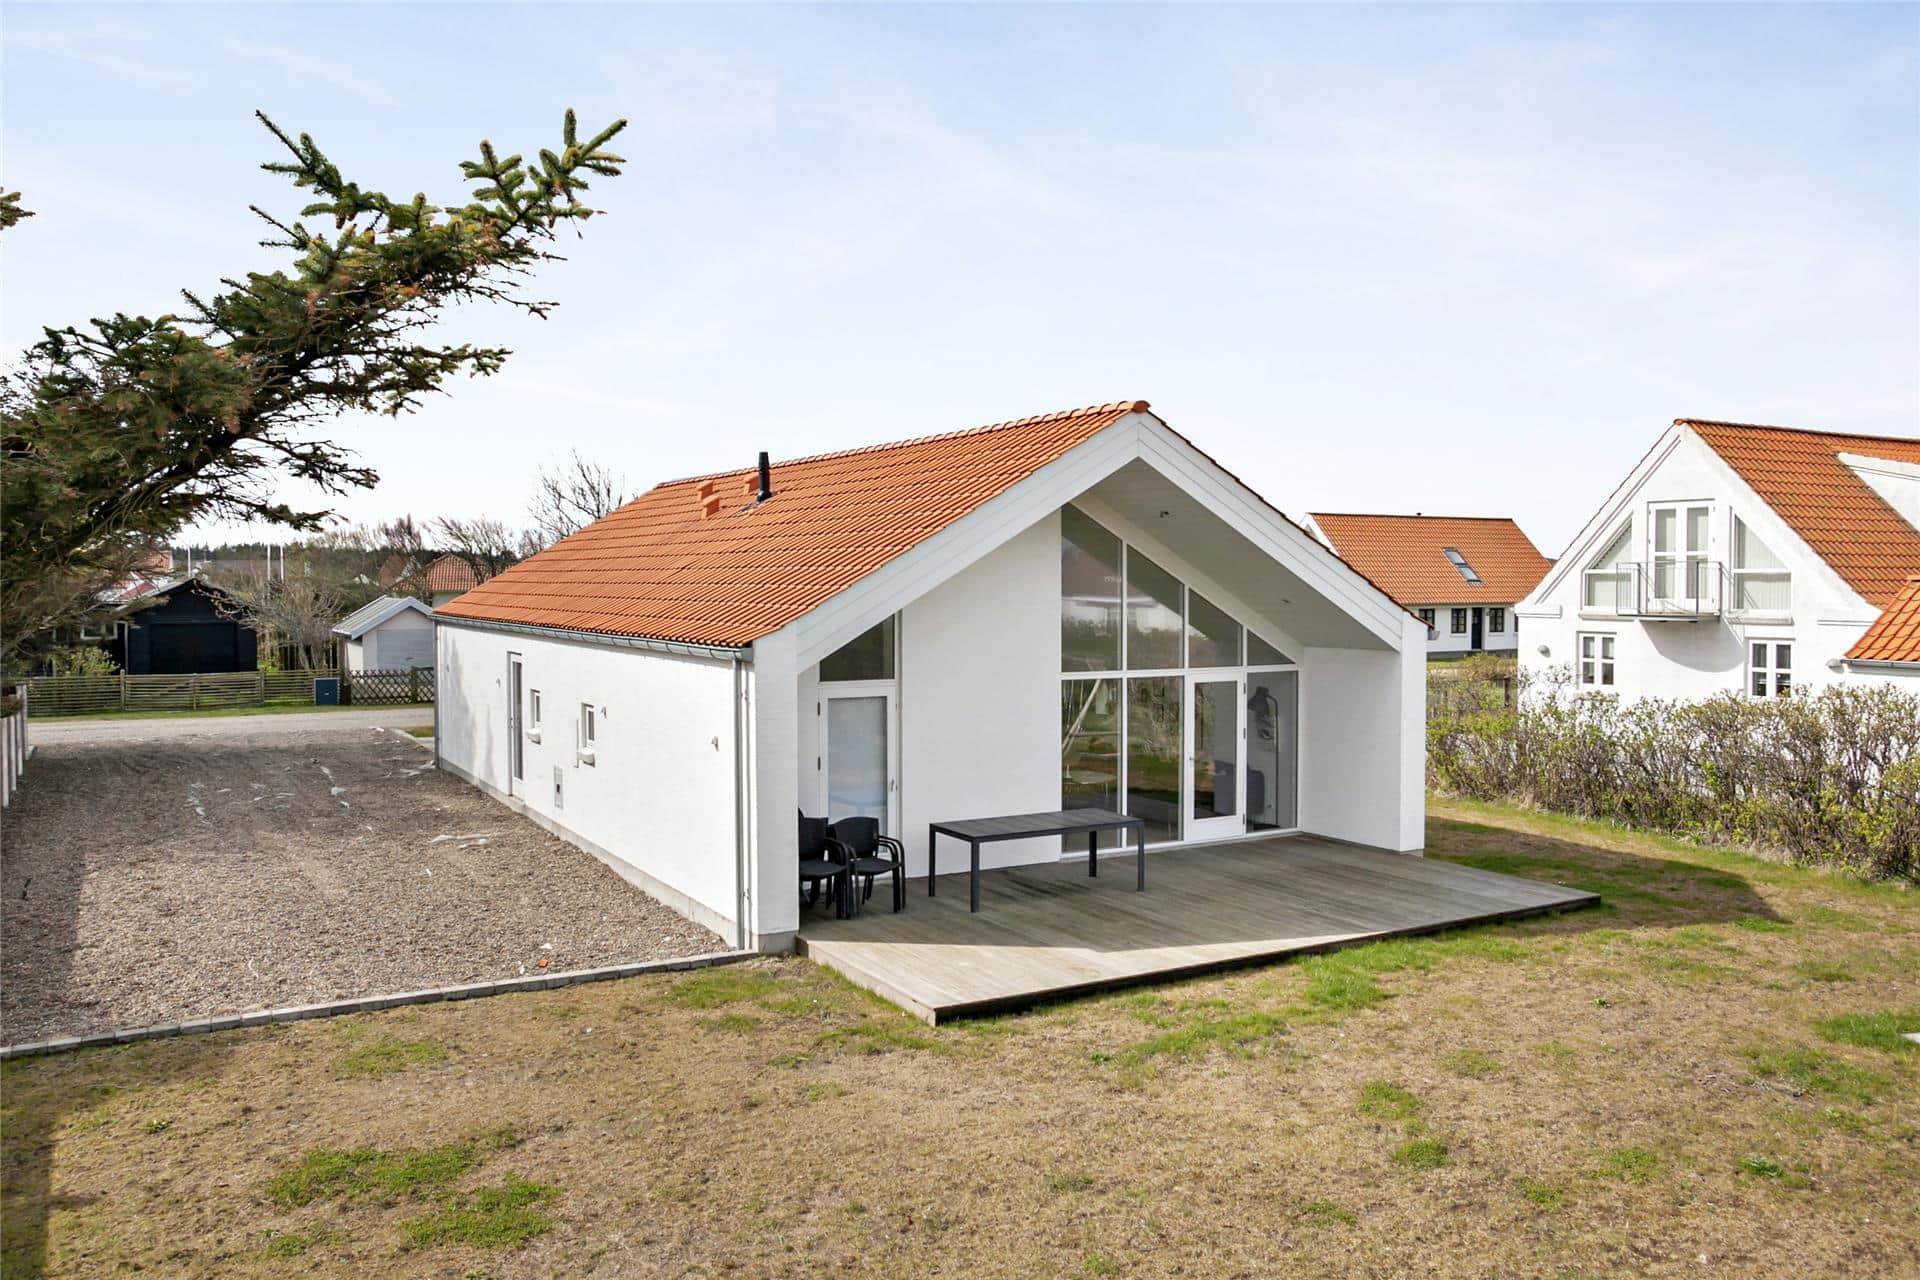 Billede 1-176 Sommerhus BL438, Jens Bærentsvej 2, DK - 9492 Blokhus